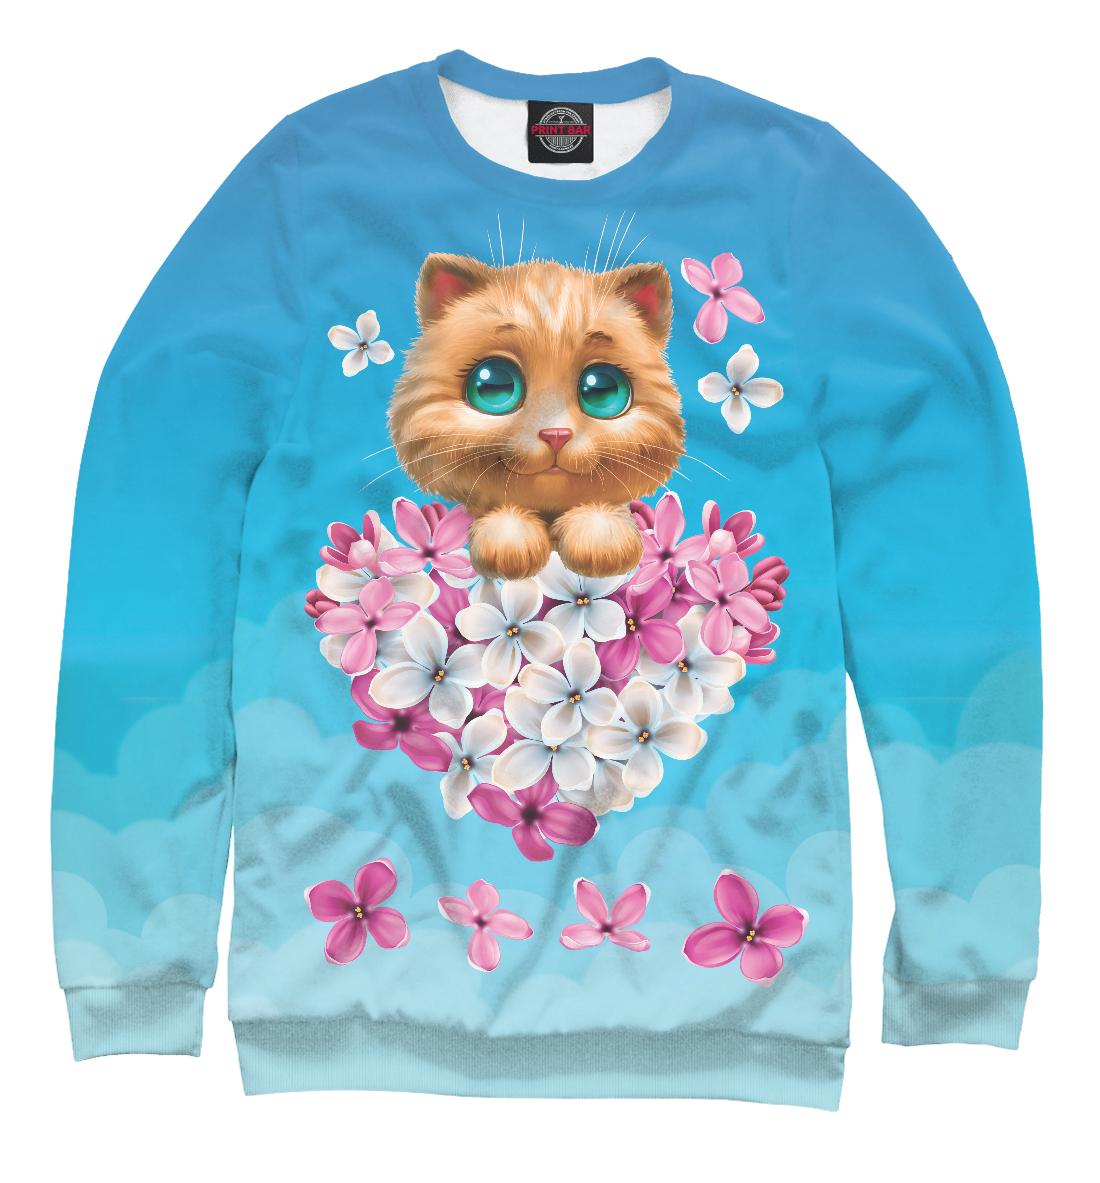 Котенок и сердечко из цветов, Printbar, Свитшоты, CAT-225513-swi-2  - купить со скидкой